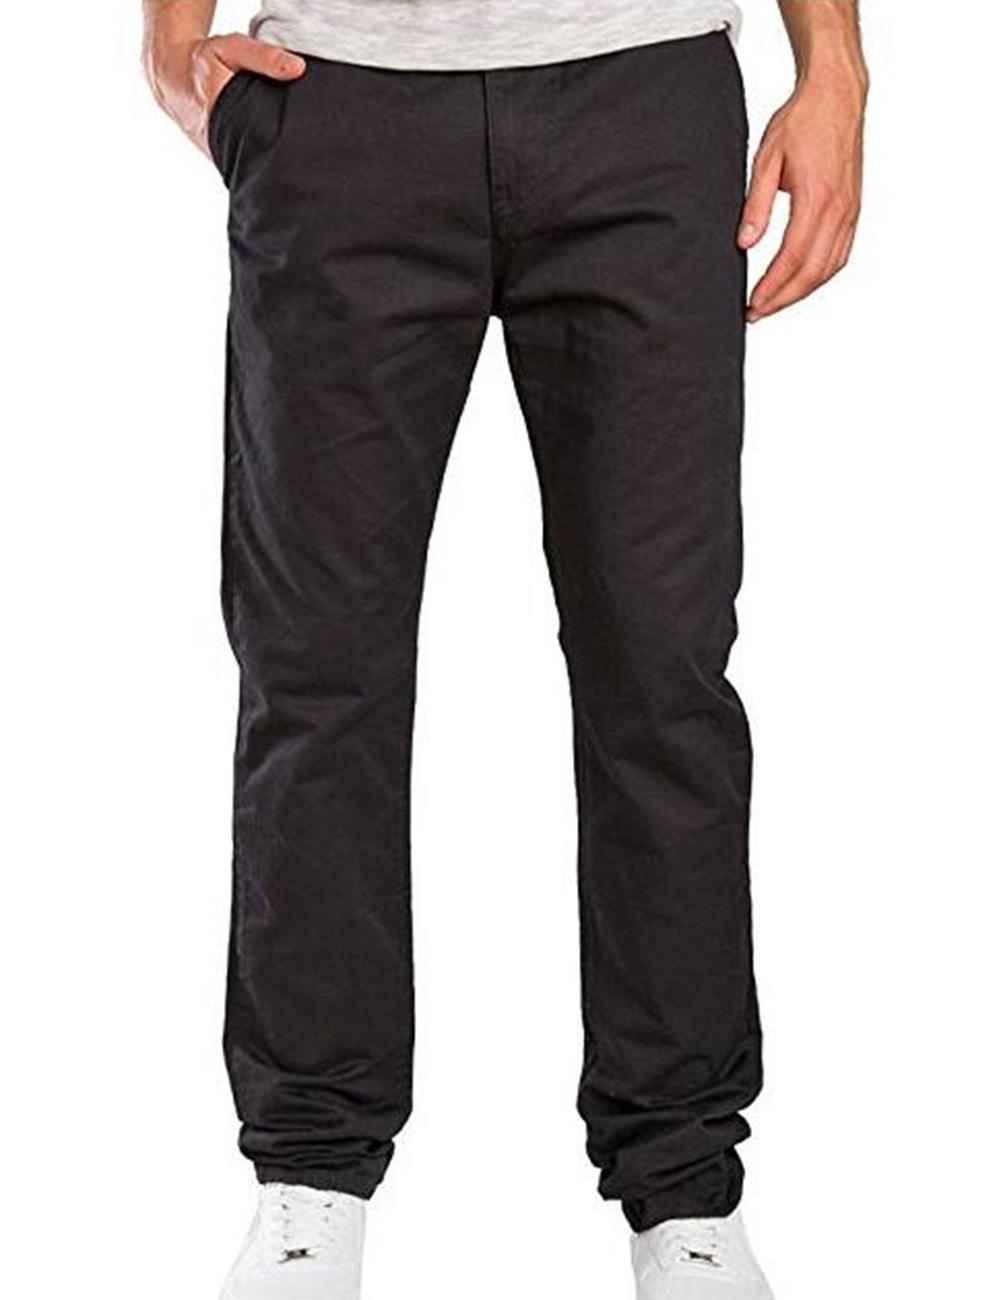 Fashionable Men Solid Color Trousers Business Straight-leg Pants Casual Cotton Pants black_XL